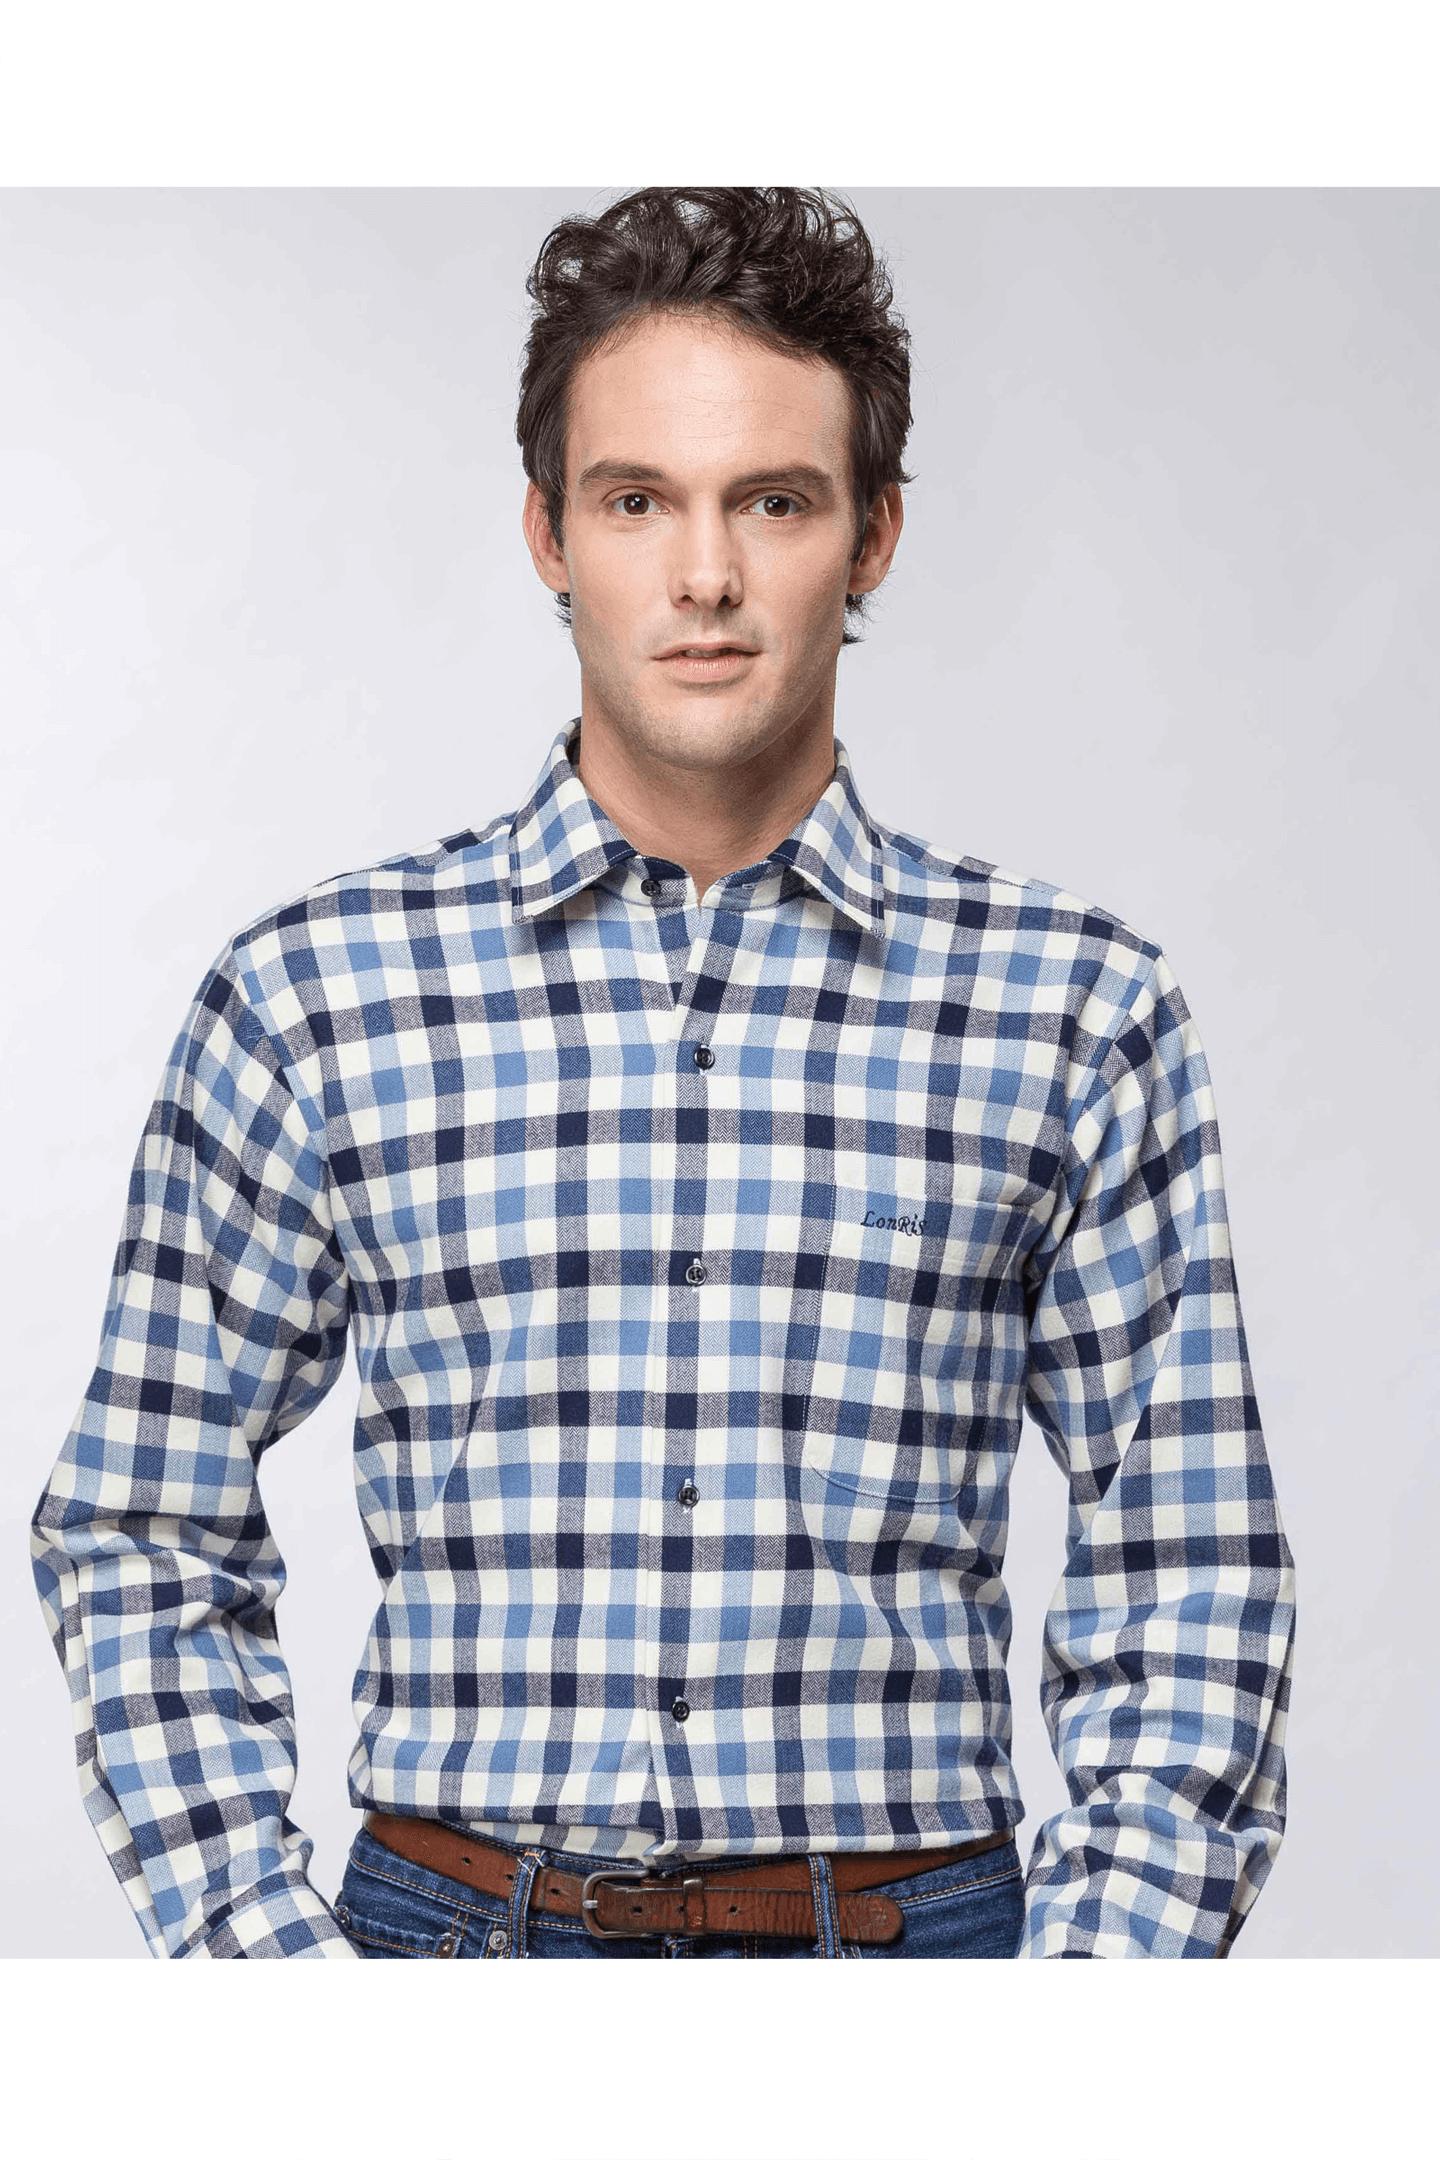 雙色格紋保暖長袖襯衫(藍白 ) / 保暖 舒適透氣<br />